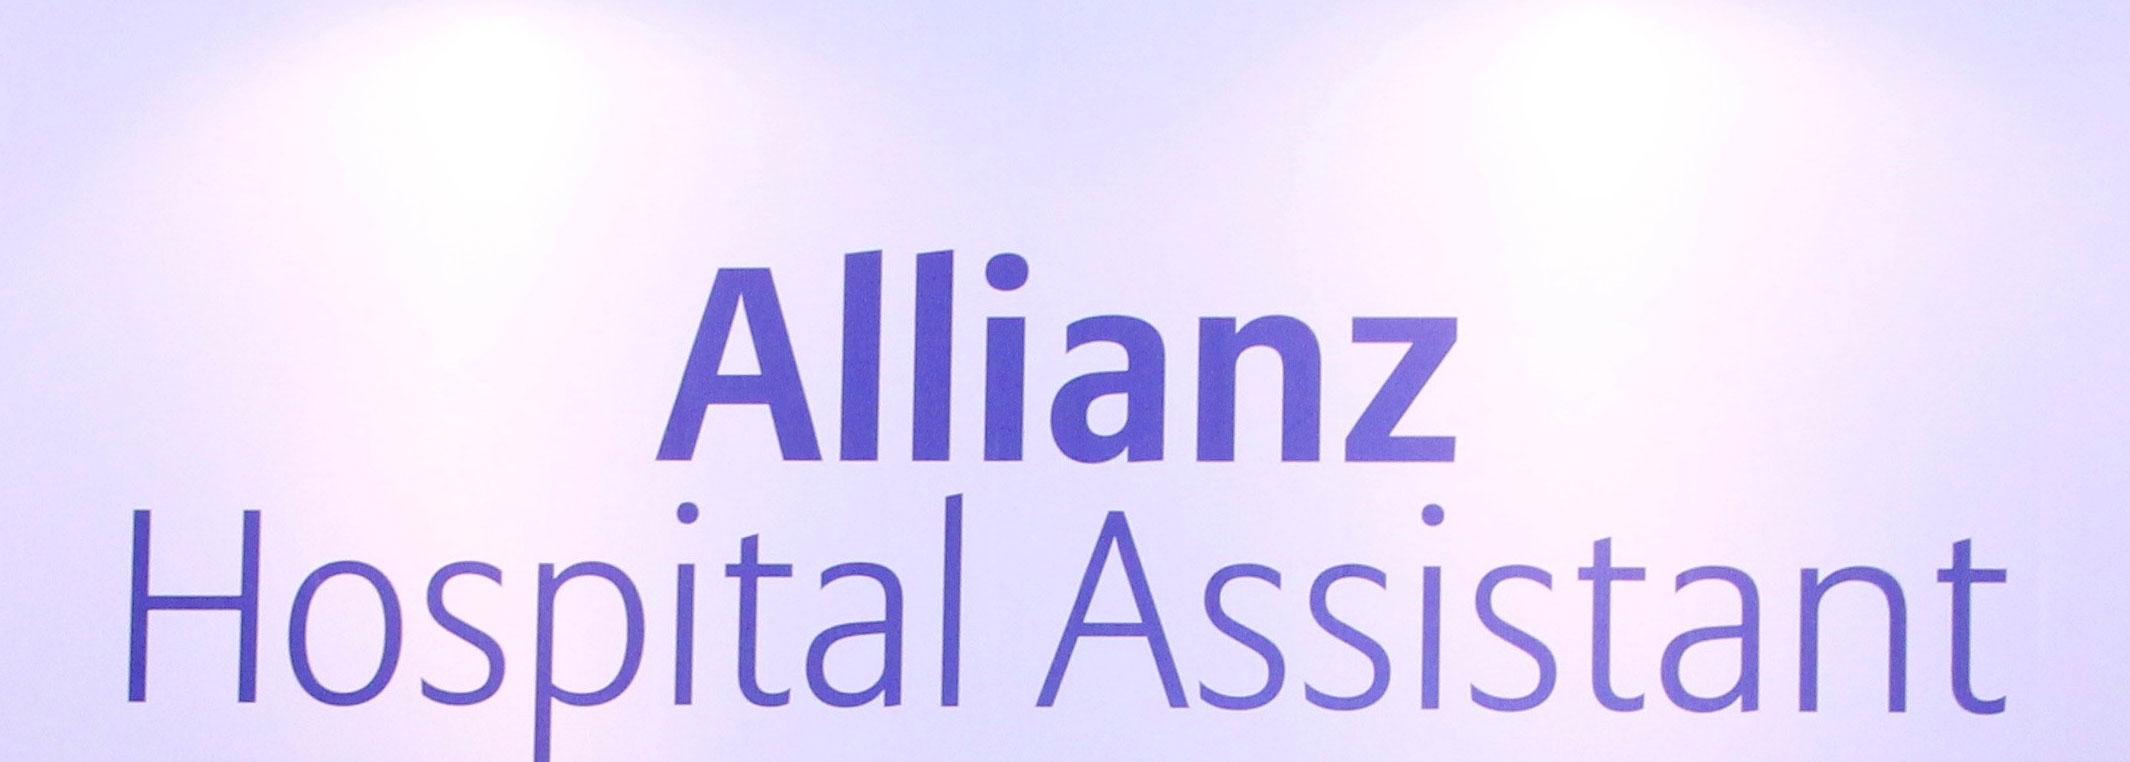 Daftar Asuransi Jiwa Terbaik Di Indonesia Portal Seputar Cimanggu Indoaurya Life 3 Tradisional Allianz